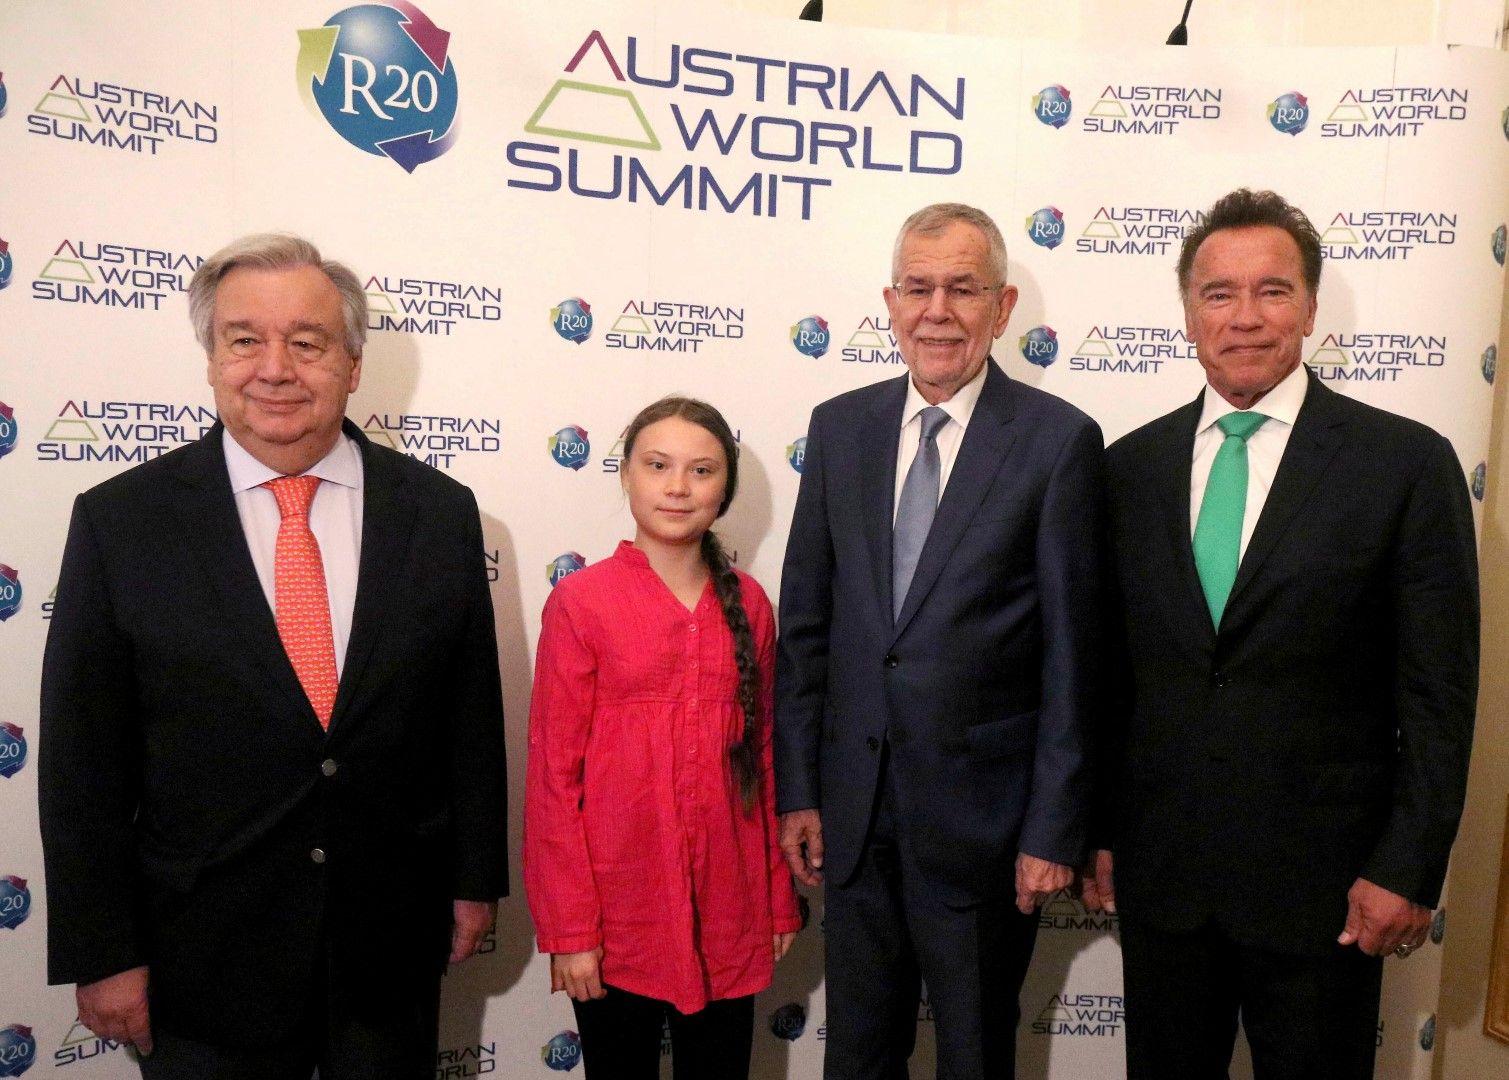 Антониу Гутериш, Грета Тунберг, президентът на Австрия Александър Ван дер Белен и Арнолд Шварценегер